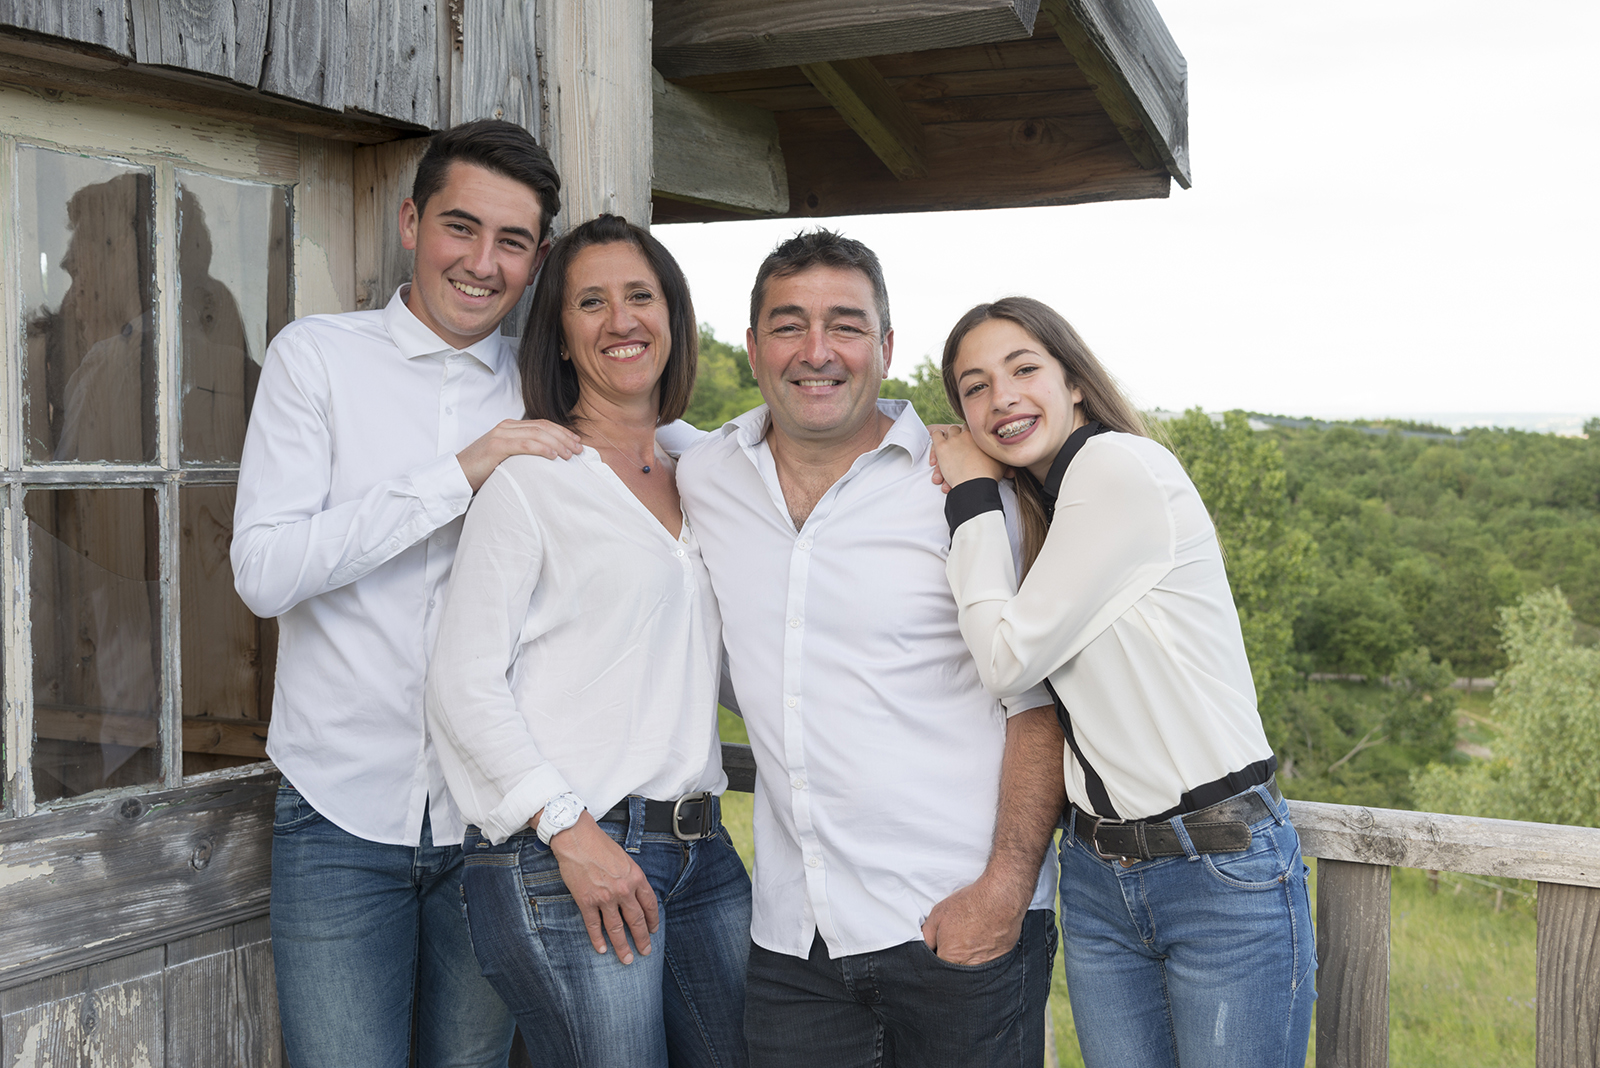 photo de famille sur la terrasse d'une cabane